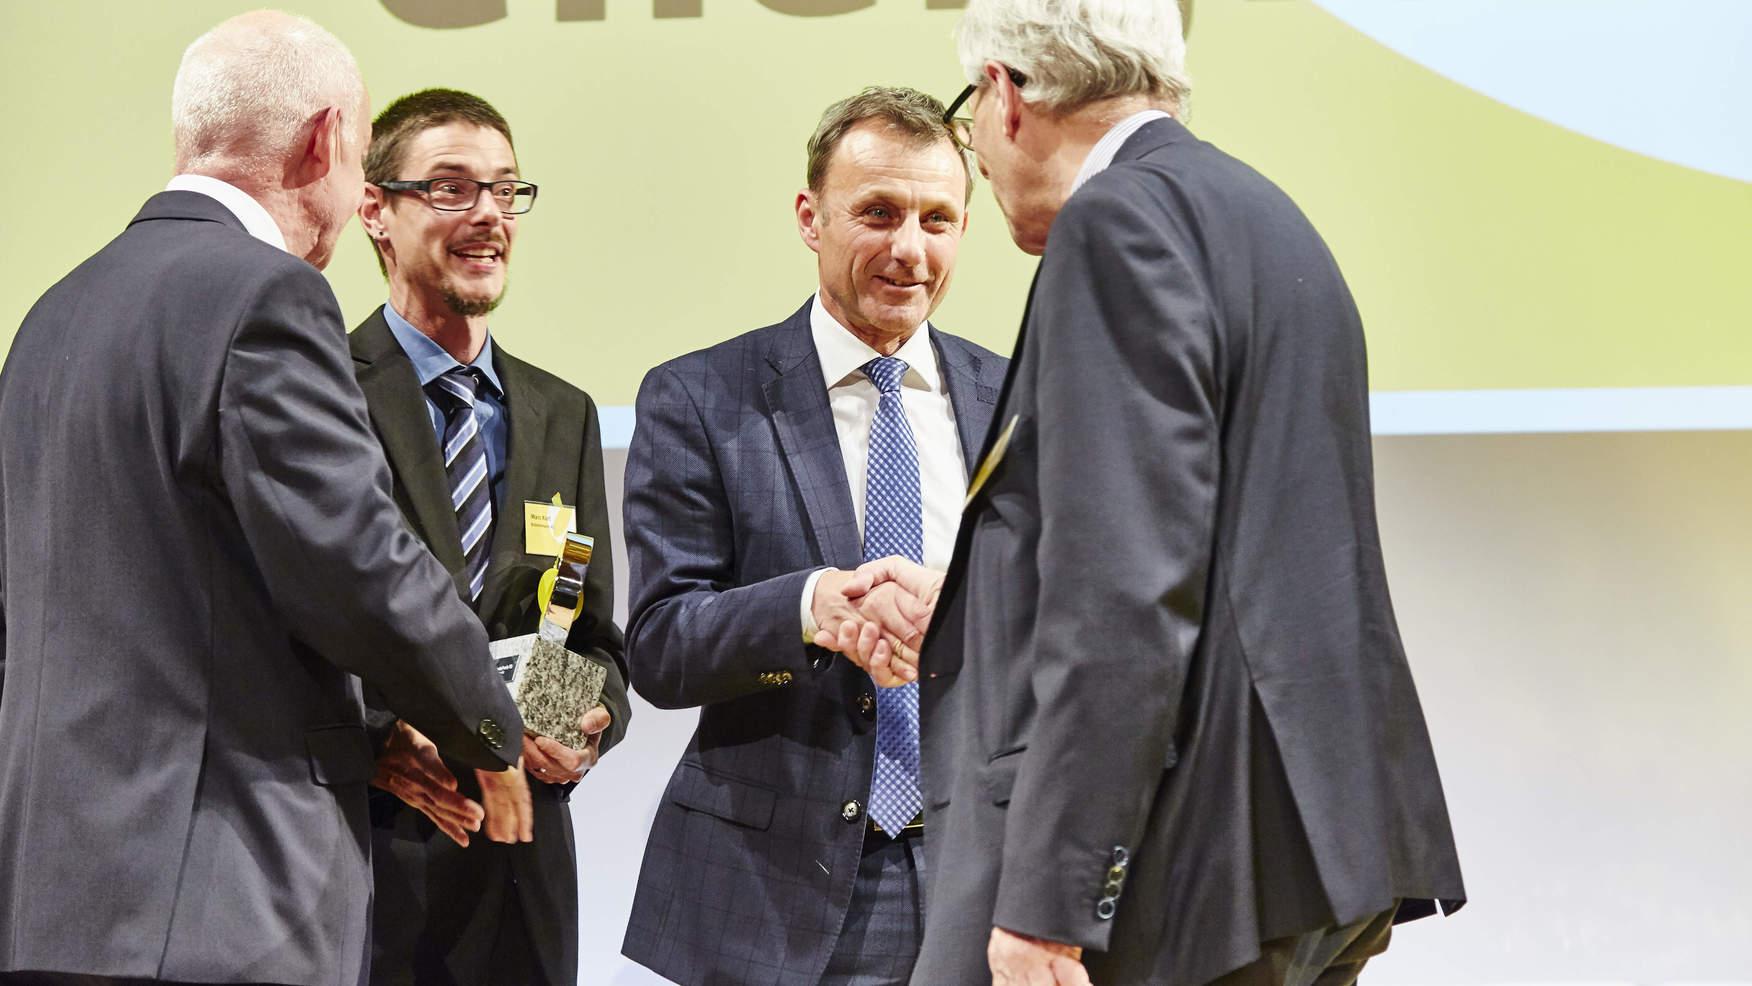 Gewinner des diesjährigen Regio Energie Preis Solothurn